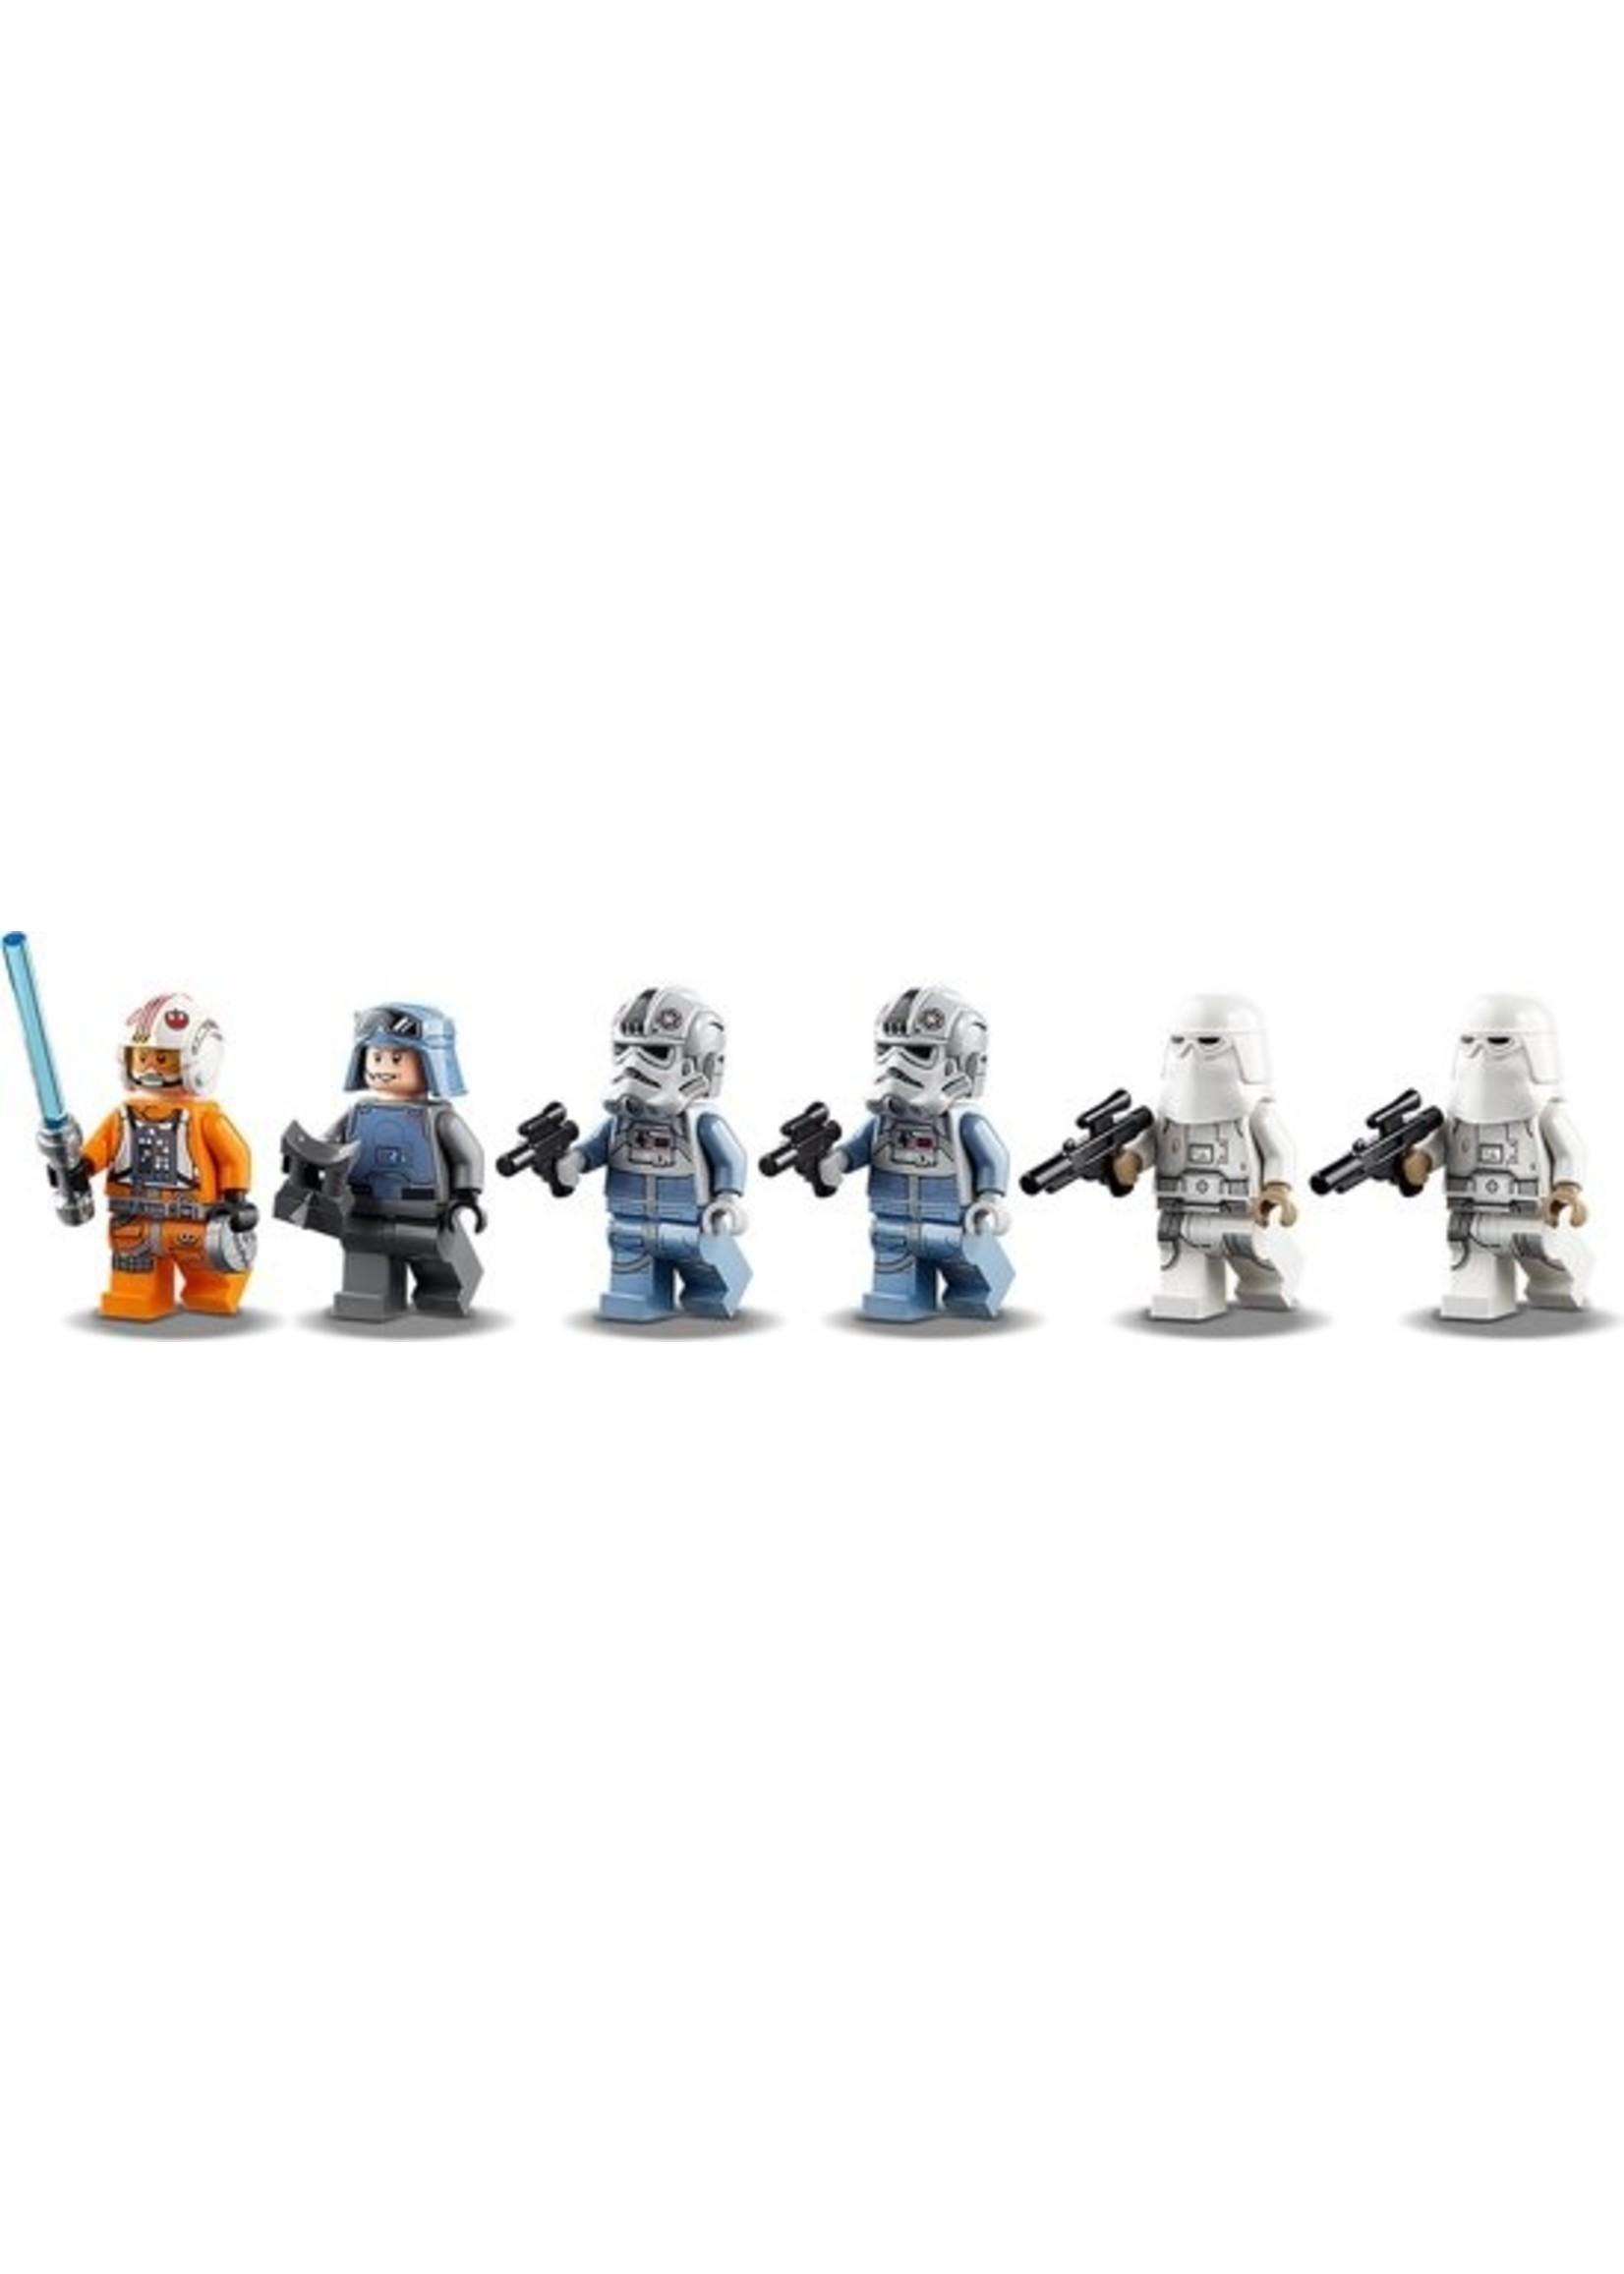 Lego LEGO Star Wars AT-AT - 75288